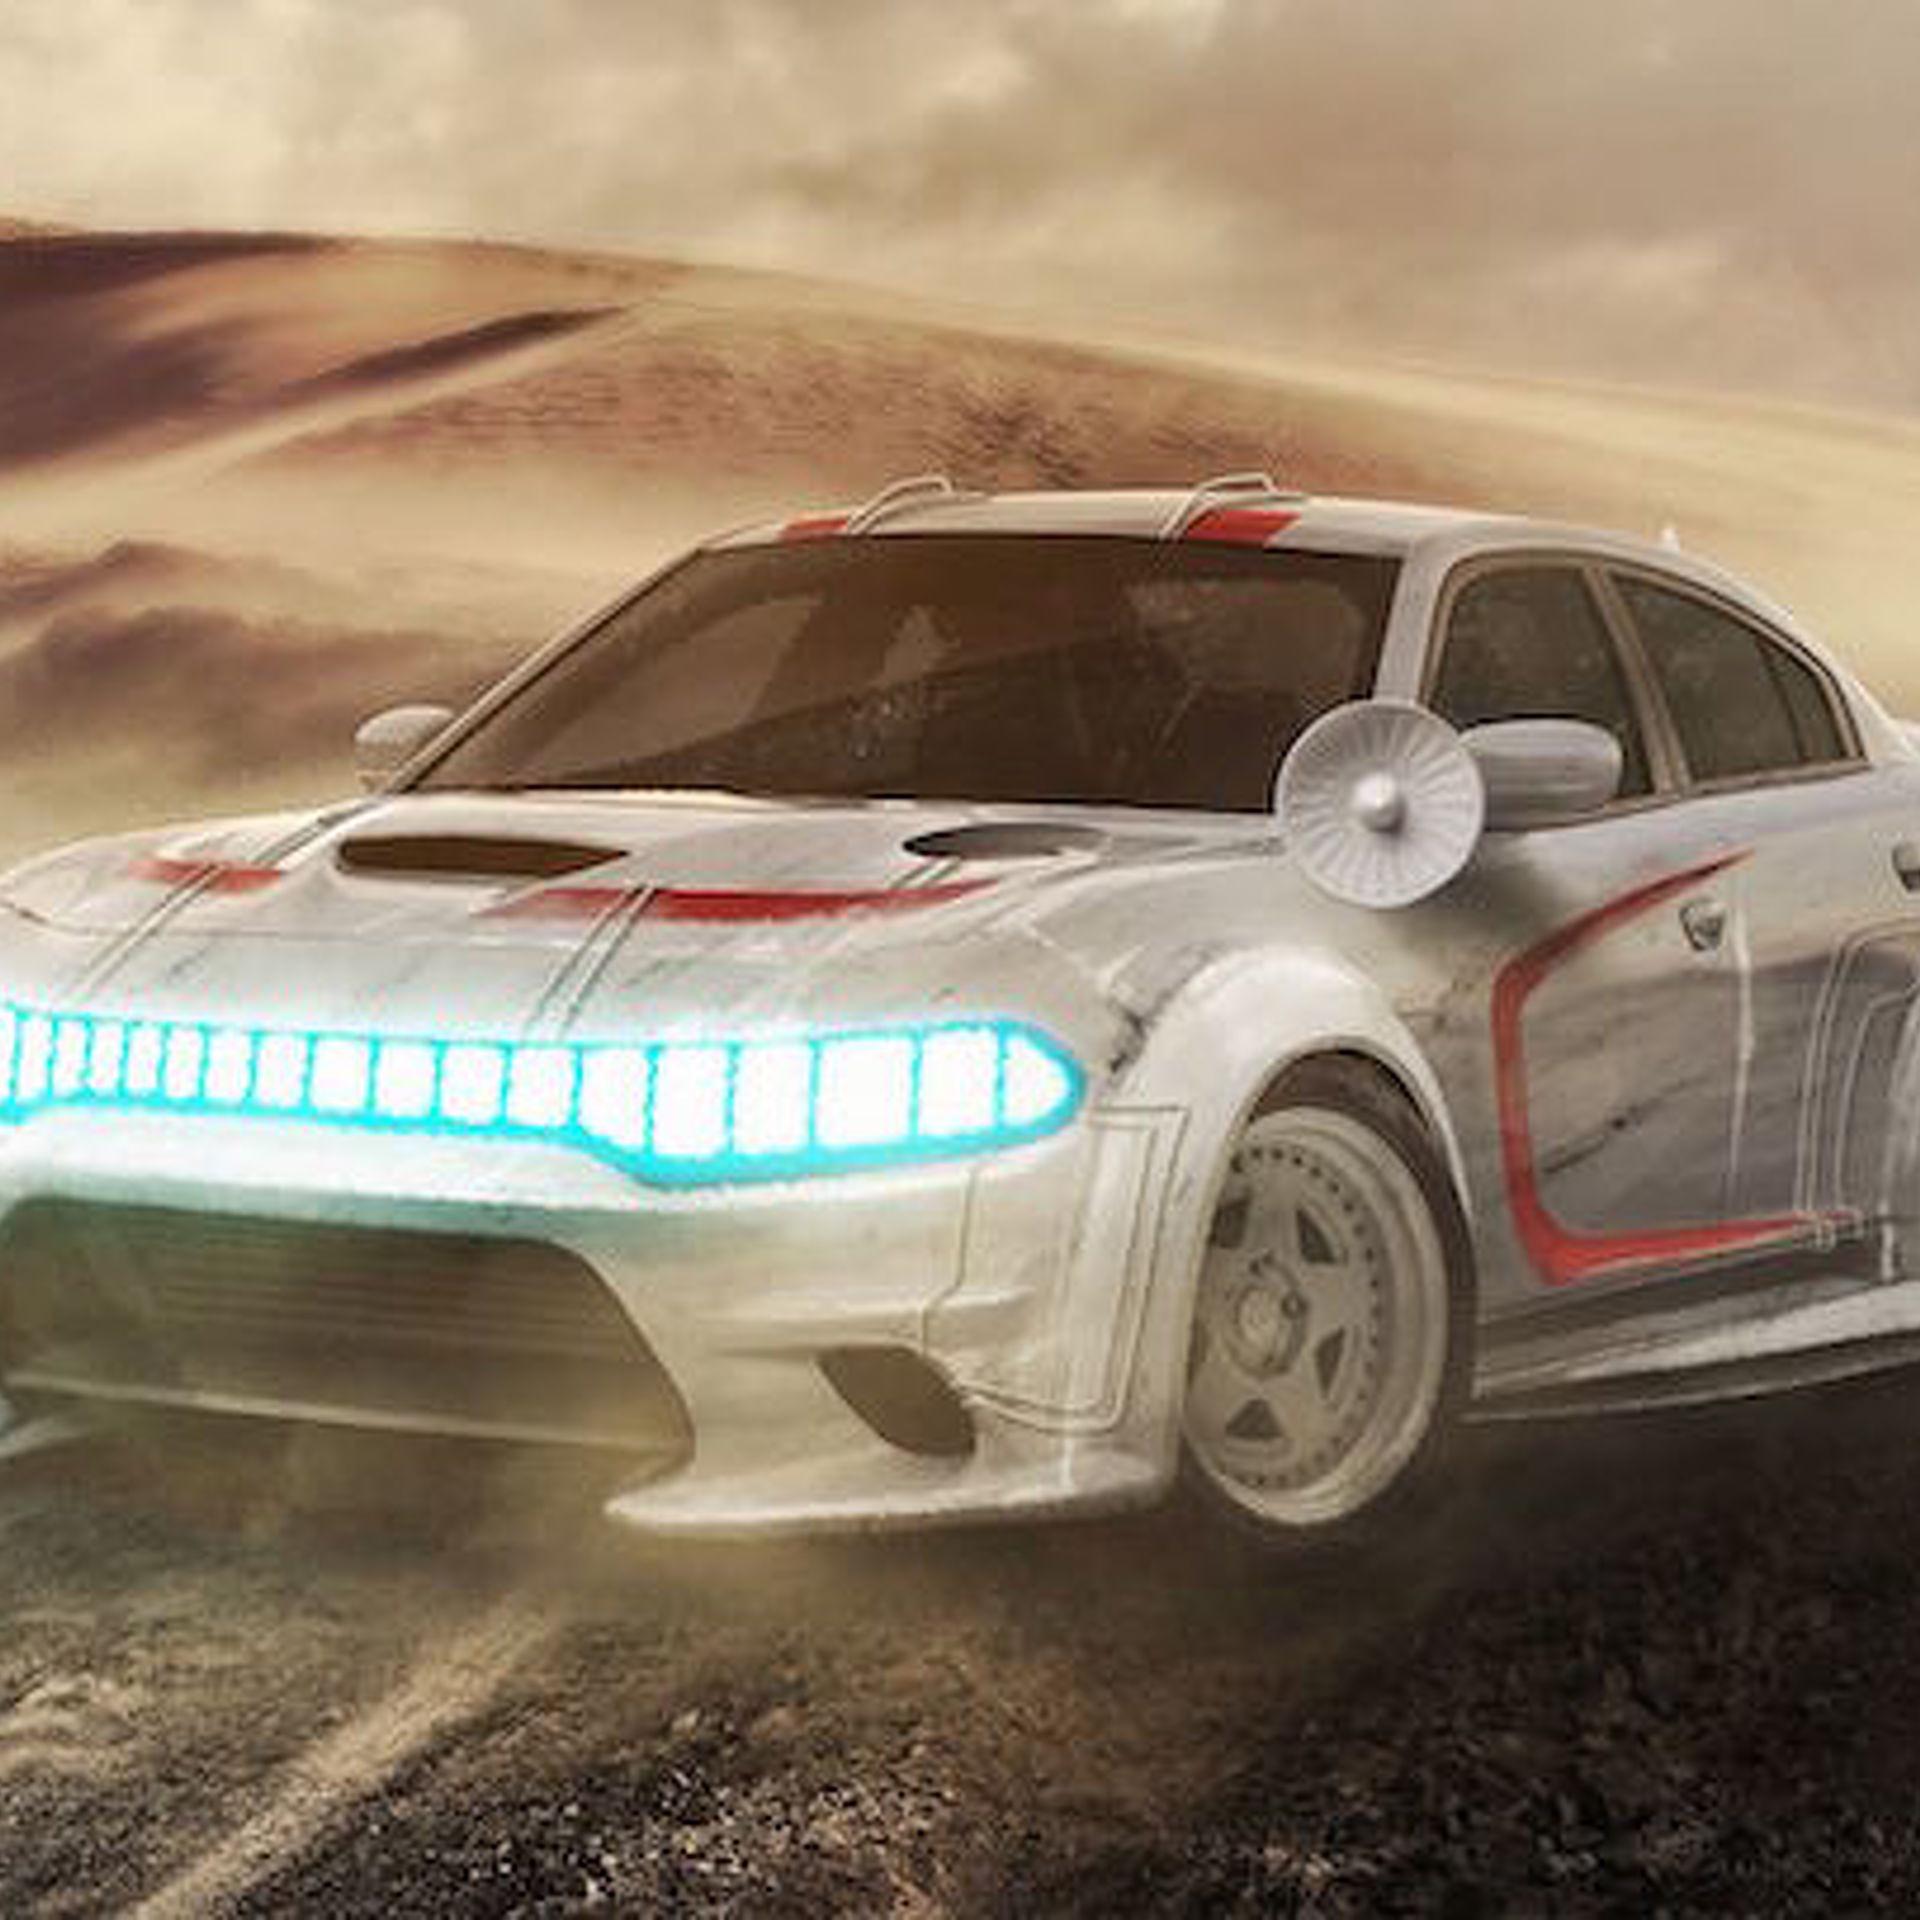 Imagine If 'Star Wars' Characters Had Cars